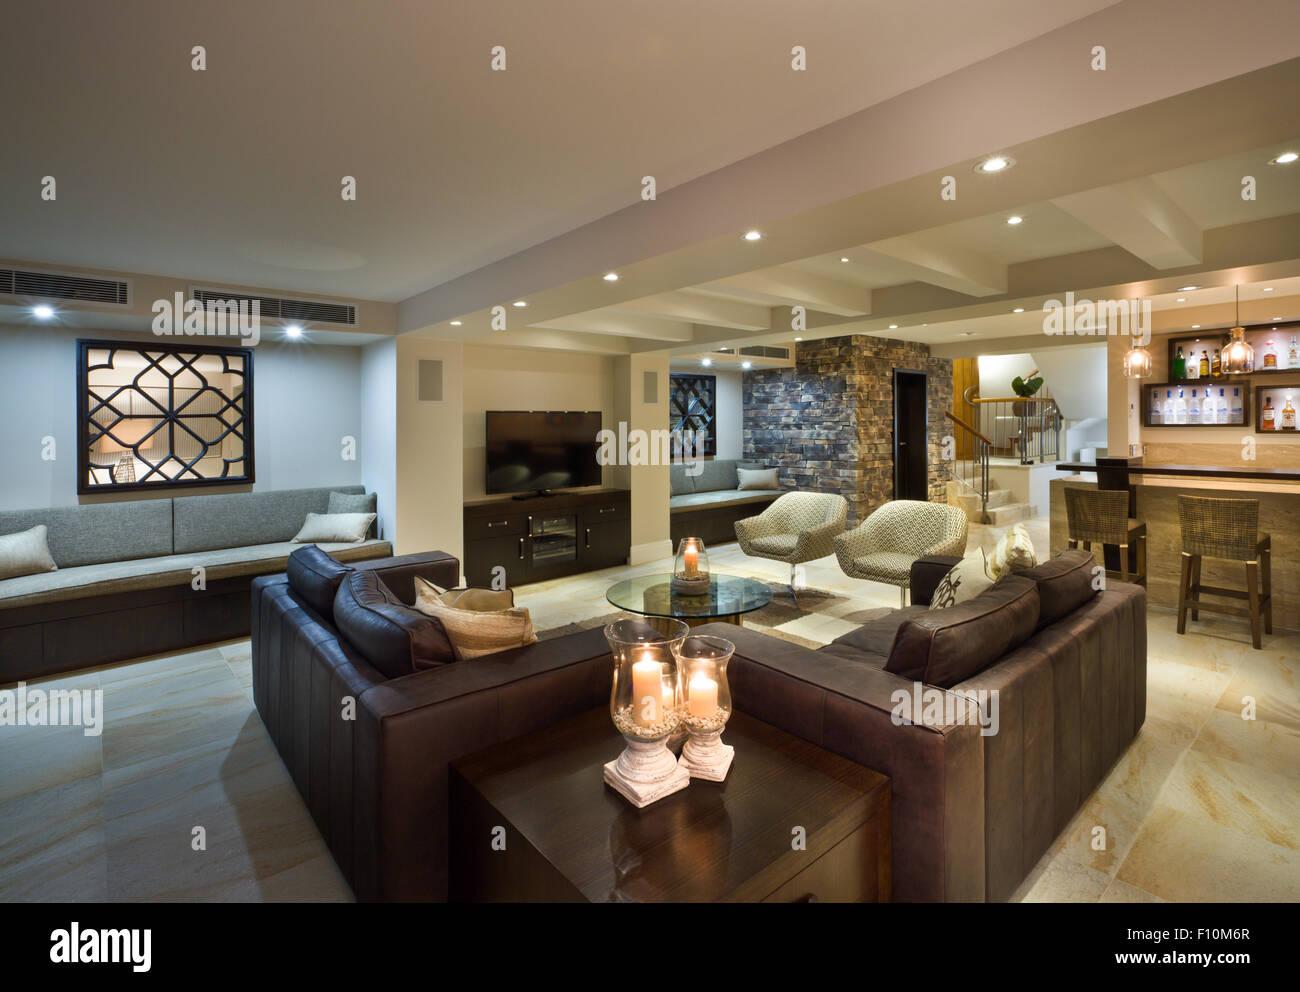 Moderno soggiorno con divani in pelle e un bar foto & immagine stock